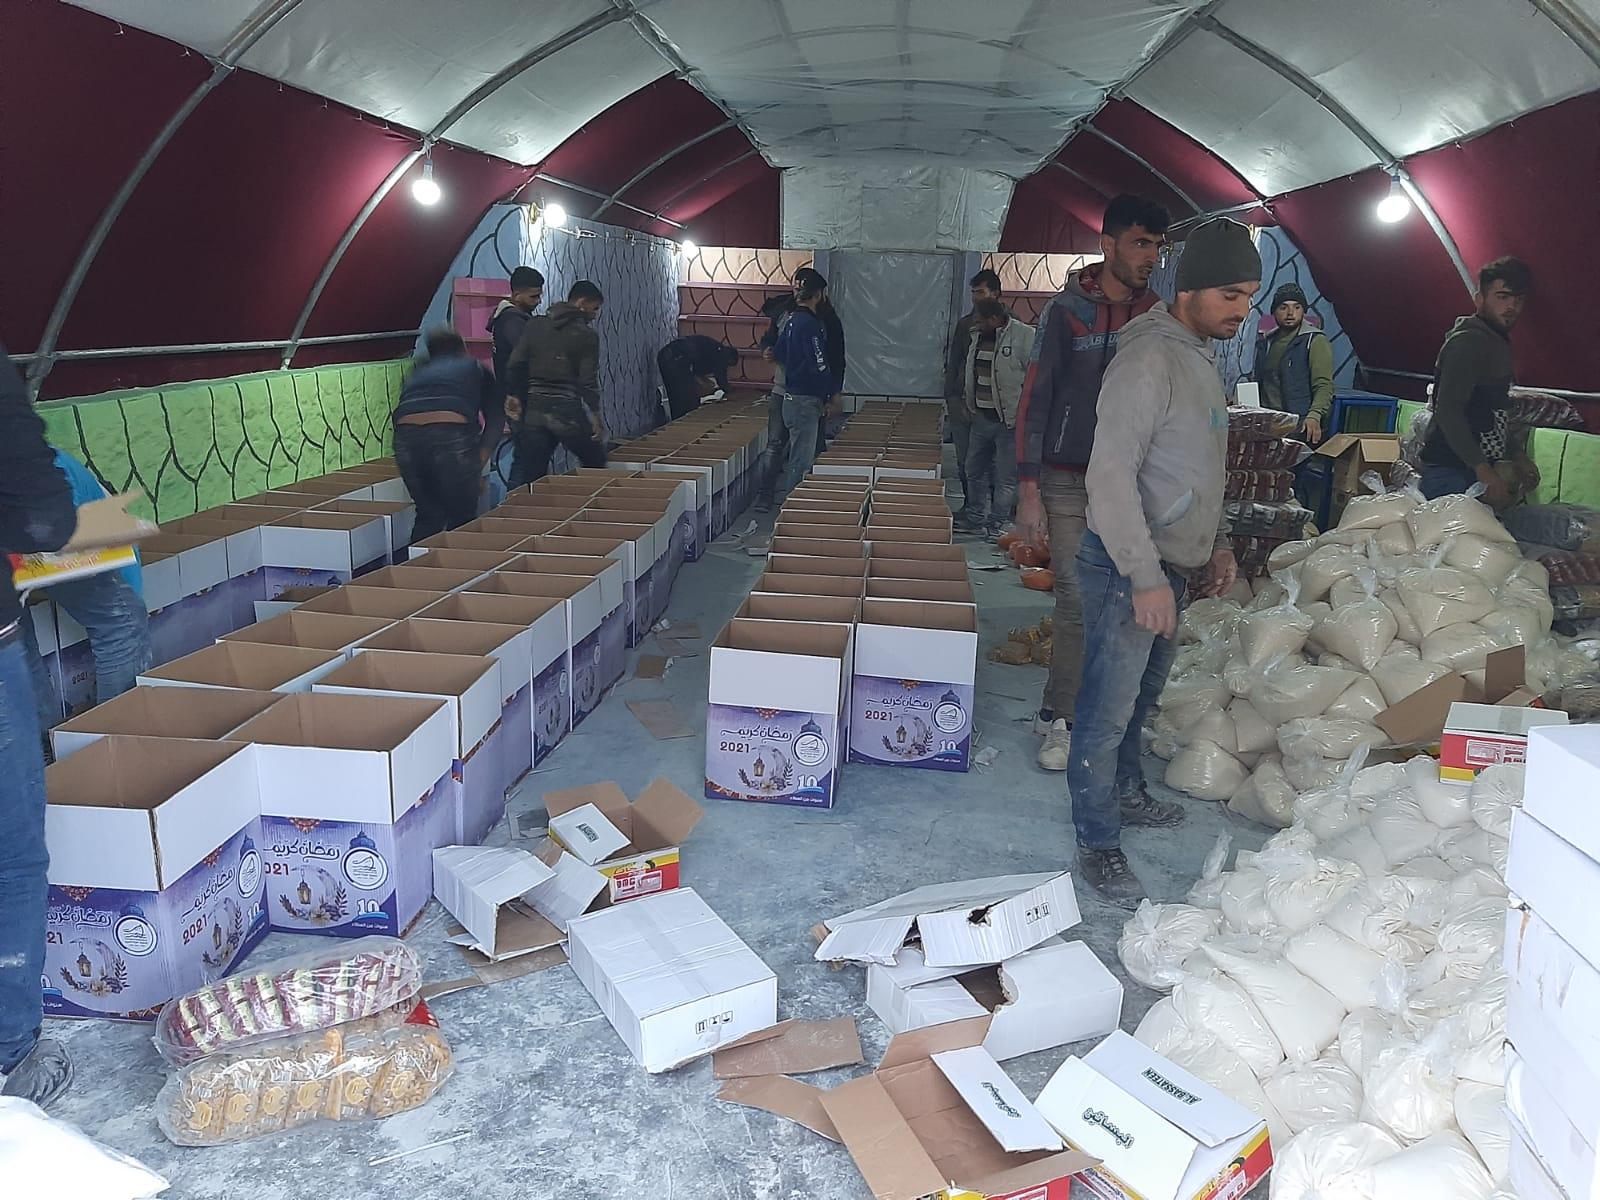 جمعية خيرية سورية  توزع مساعدات على آلاف السوريين في تركيا وإدلب